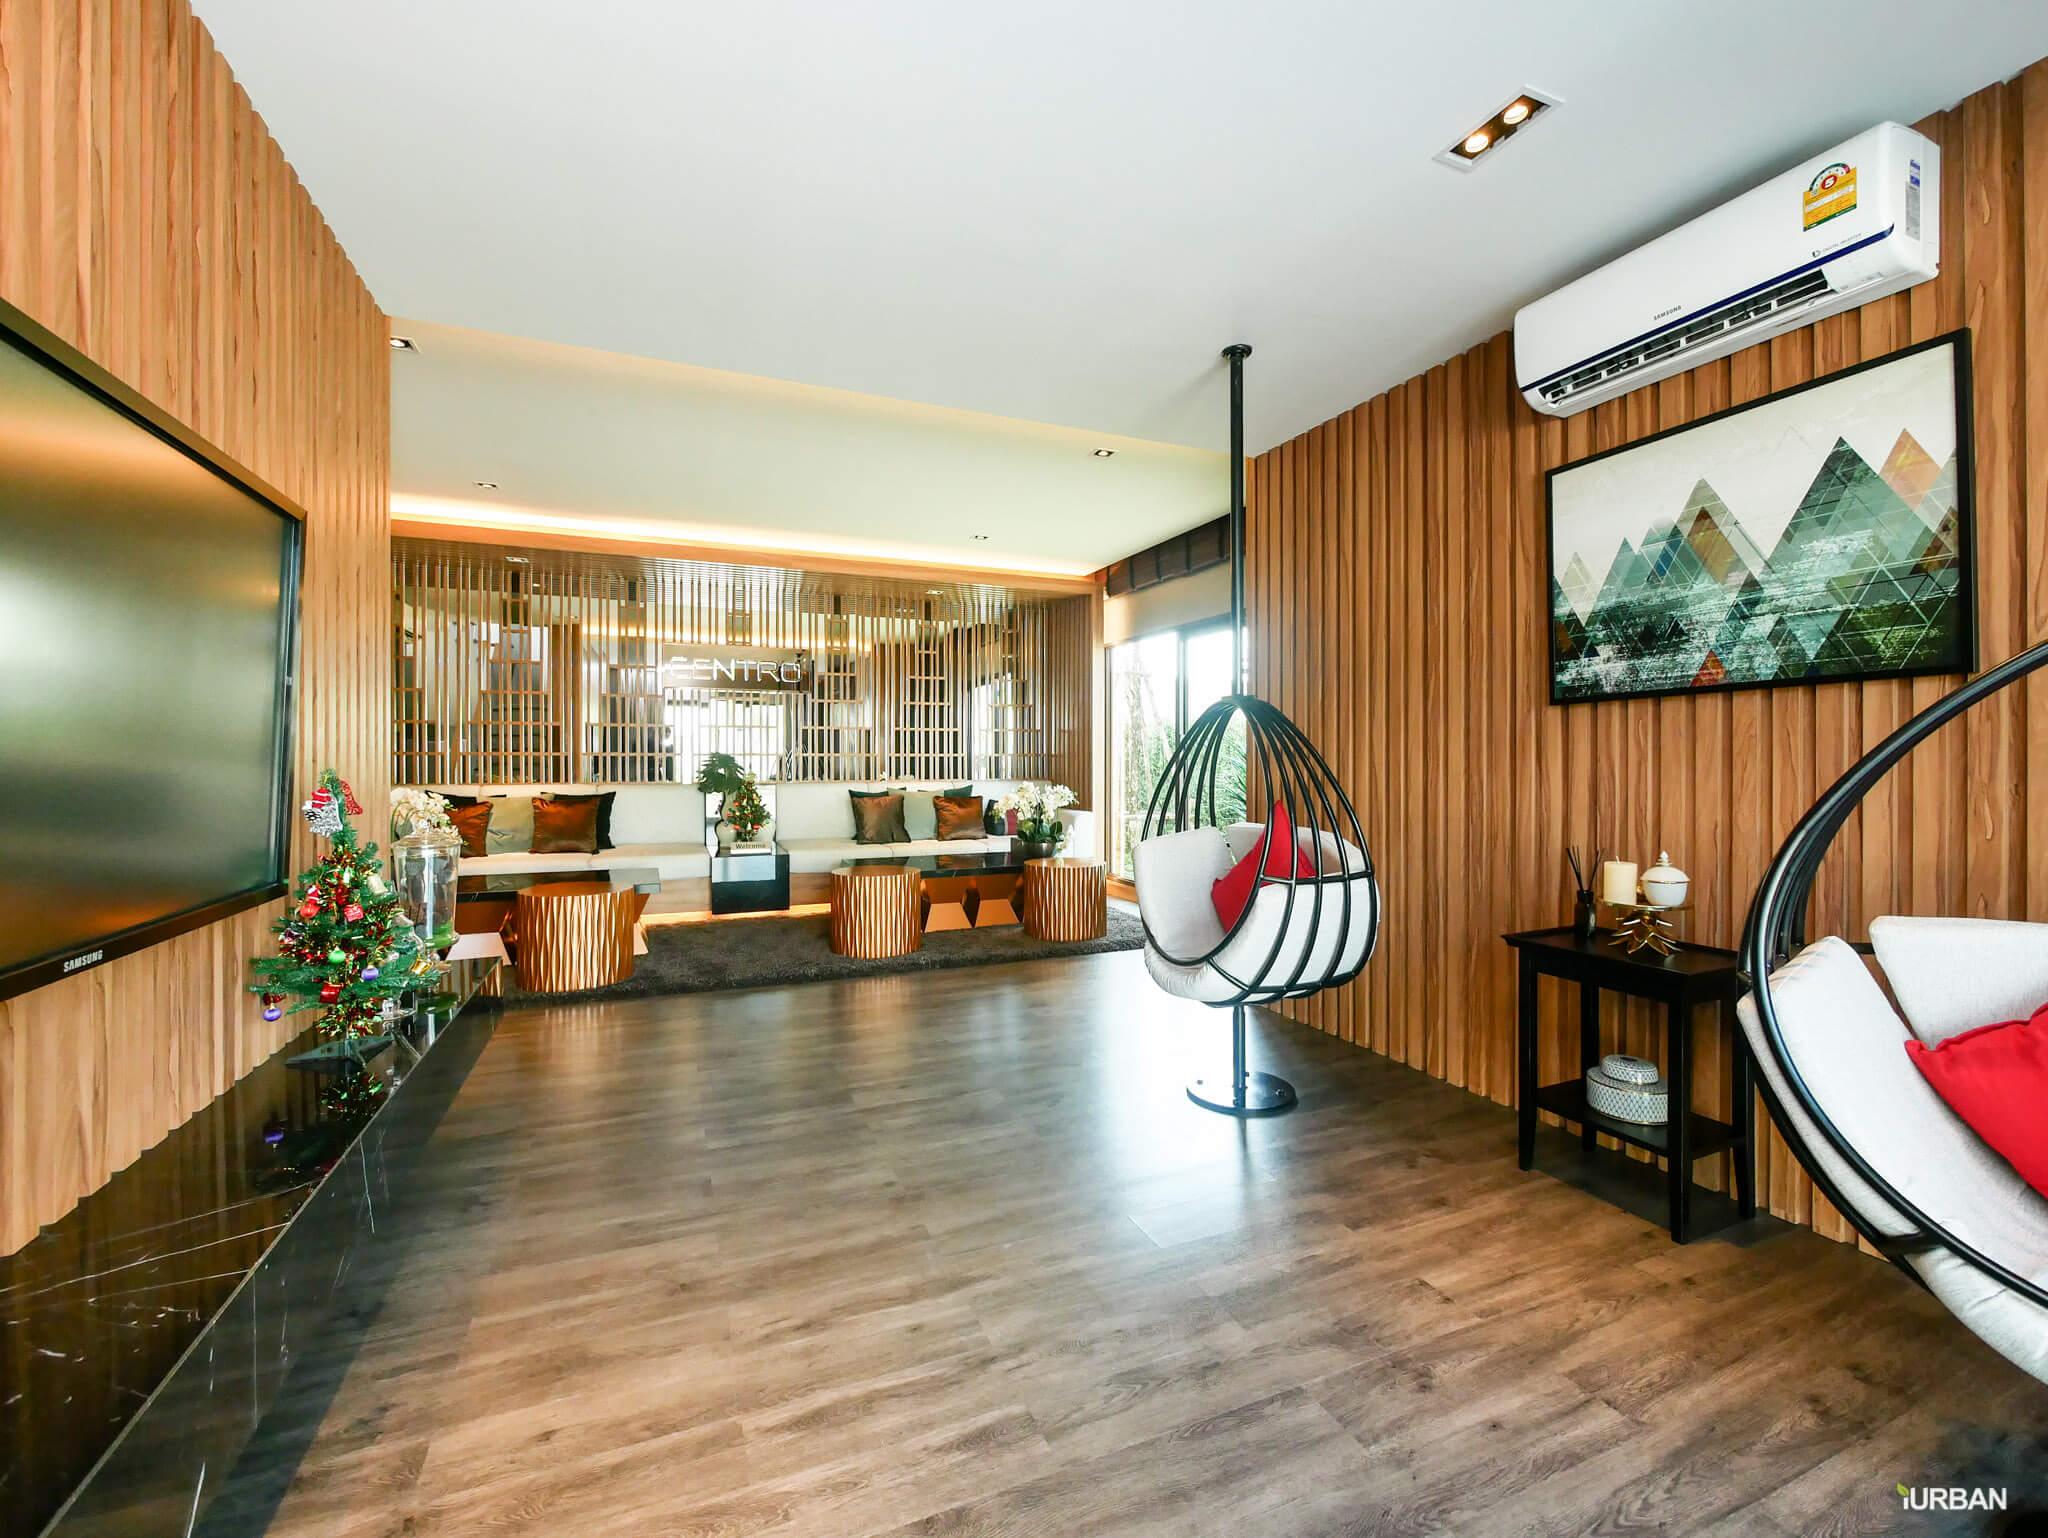 รีวิว CENTRO รามอินทรา-จตุโชติ บ้านเดี่ยวหลังใหญ่ 4 ห้องนอน บนวงแหวน ระดับคุณภาพจากเอพี 20 - AP (Thailand) - เอพี (ไทยแลนด์)